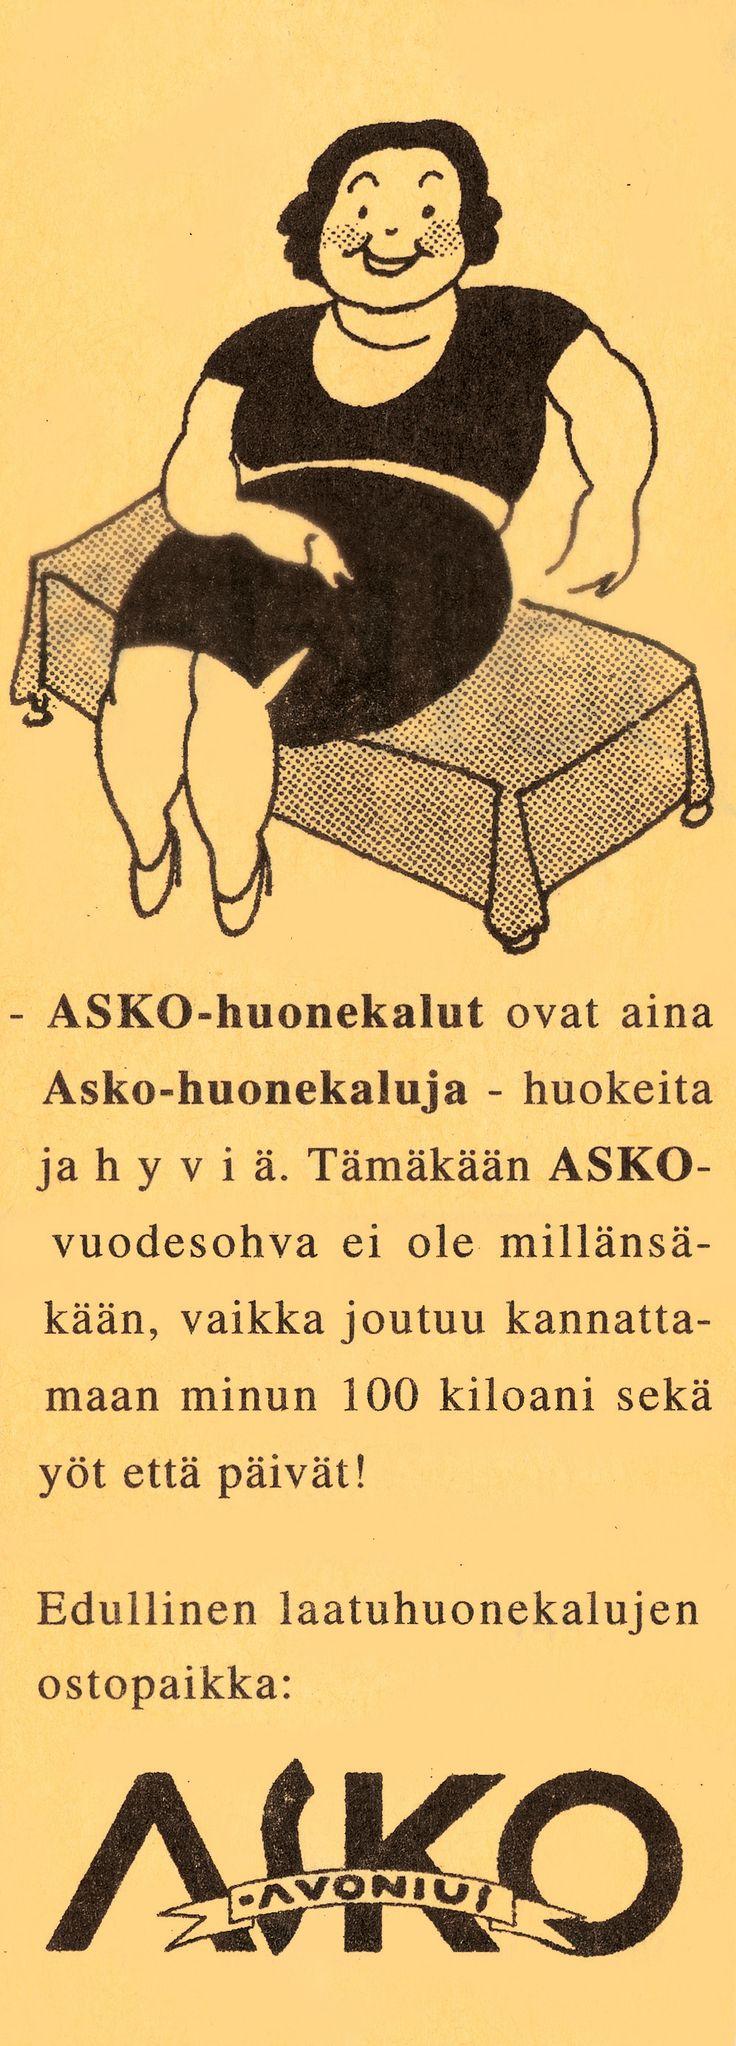 - Asko-huonekalut ovat aina Asko-huonekaluja - huokeita ja hyviä. Tämäkään Asko-vuodesohva ei ole millänsäkkään, vaikka joutuu kannattamaan minun 100 kiloani sekä yöt että päivät! - Vanha Askon lehtimainos 1930-luvulta.